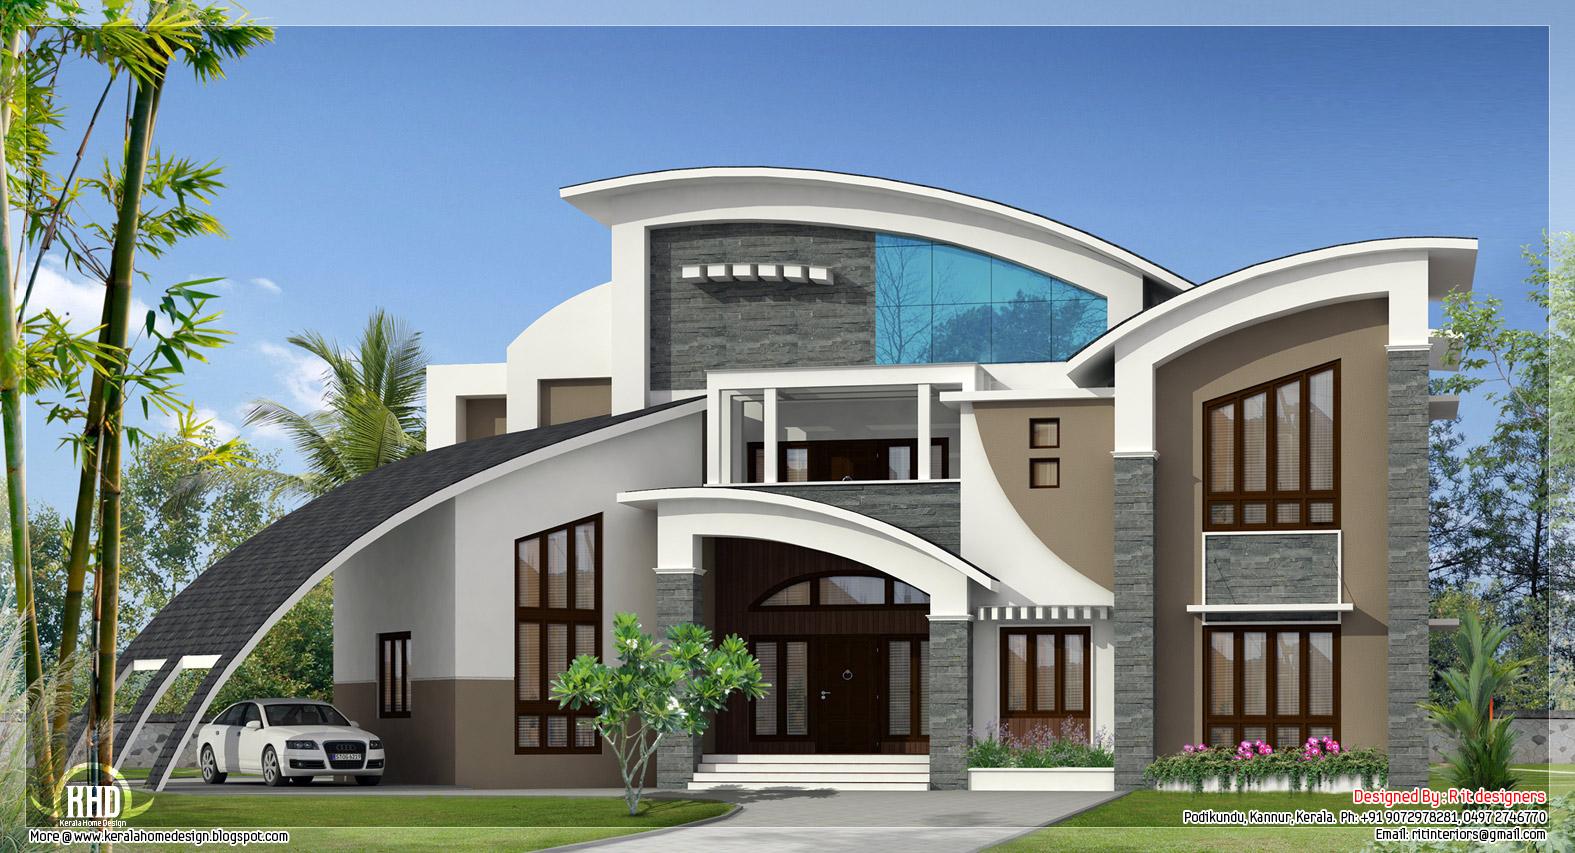 A unique super luxury Kerala villa - Kerala home design and floor plans